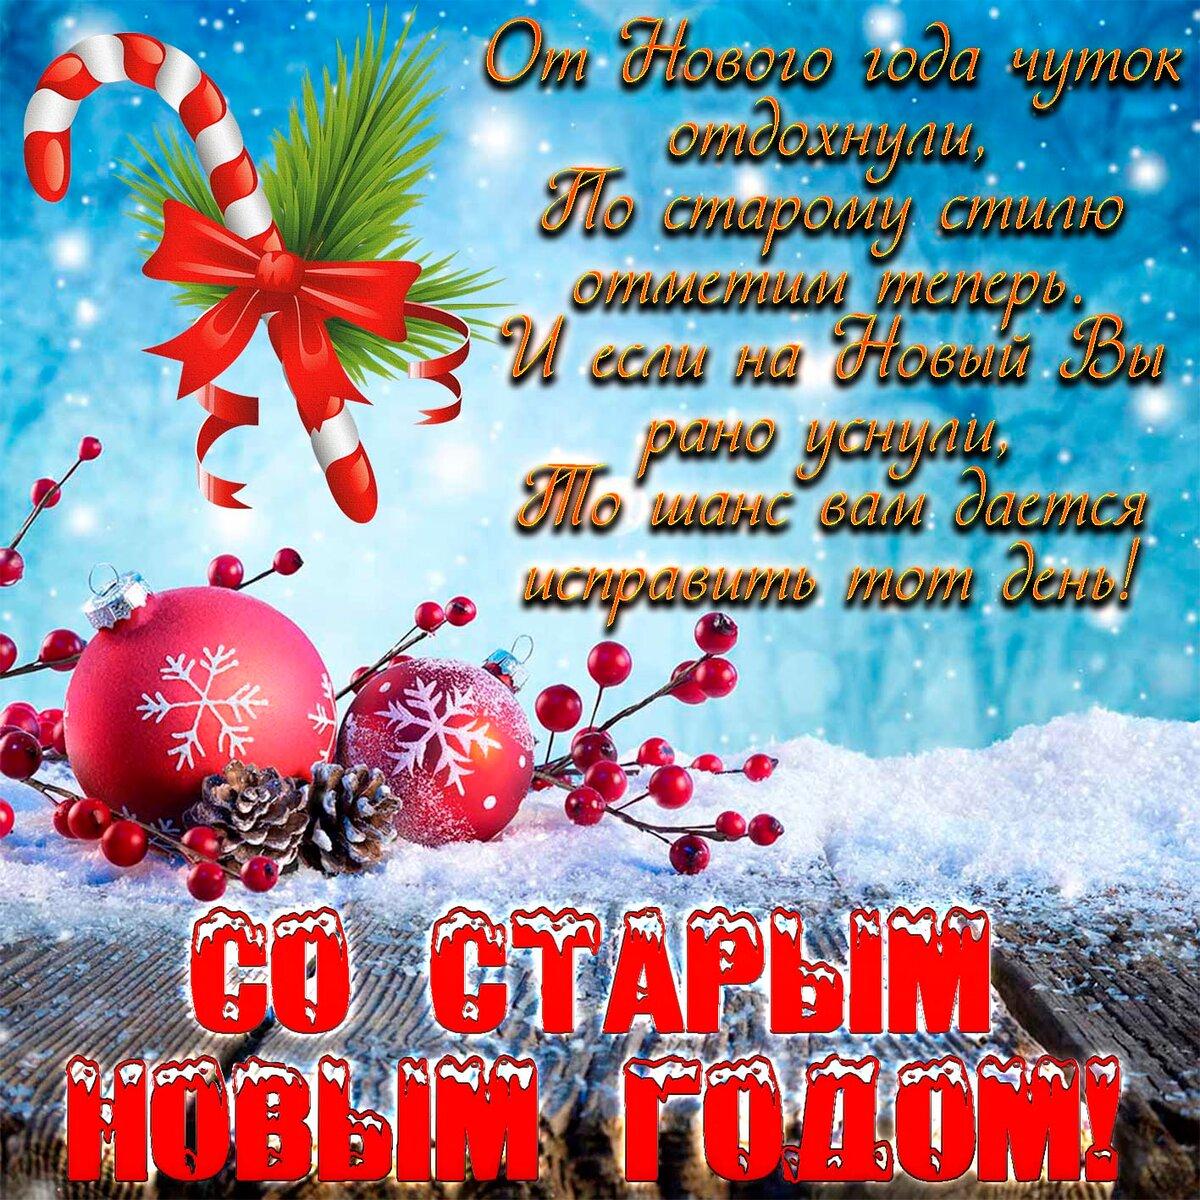 Поздравительная открытка со старым новым годом 2017, днем рождения